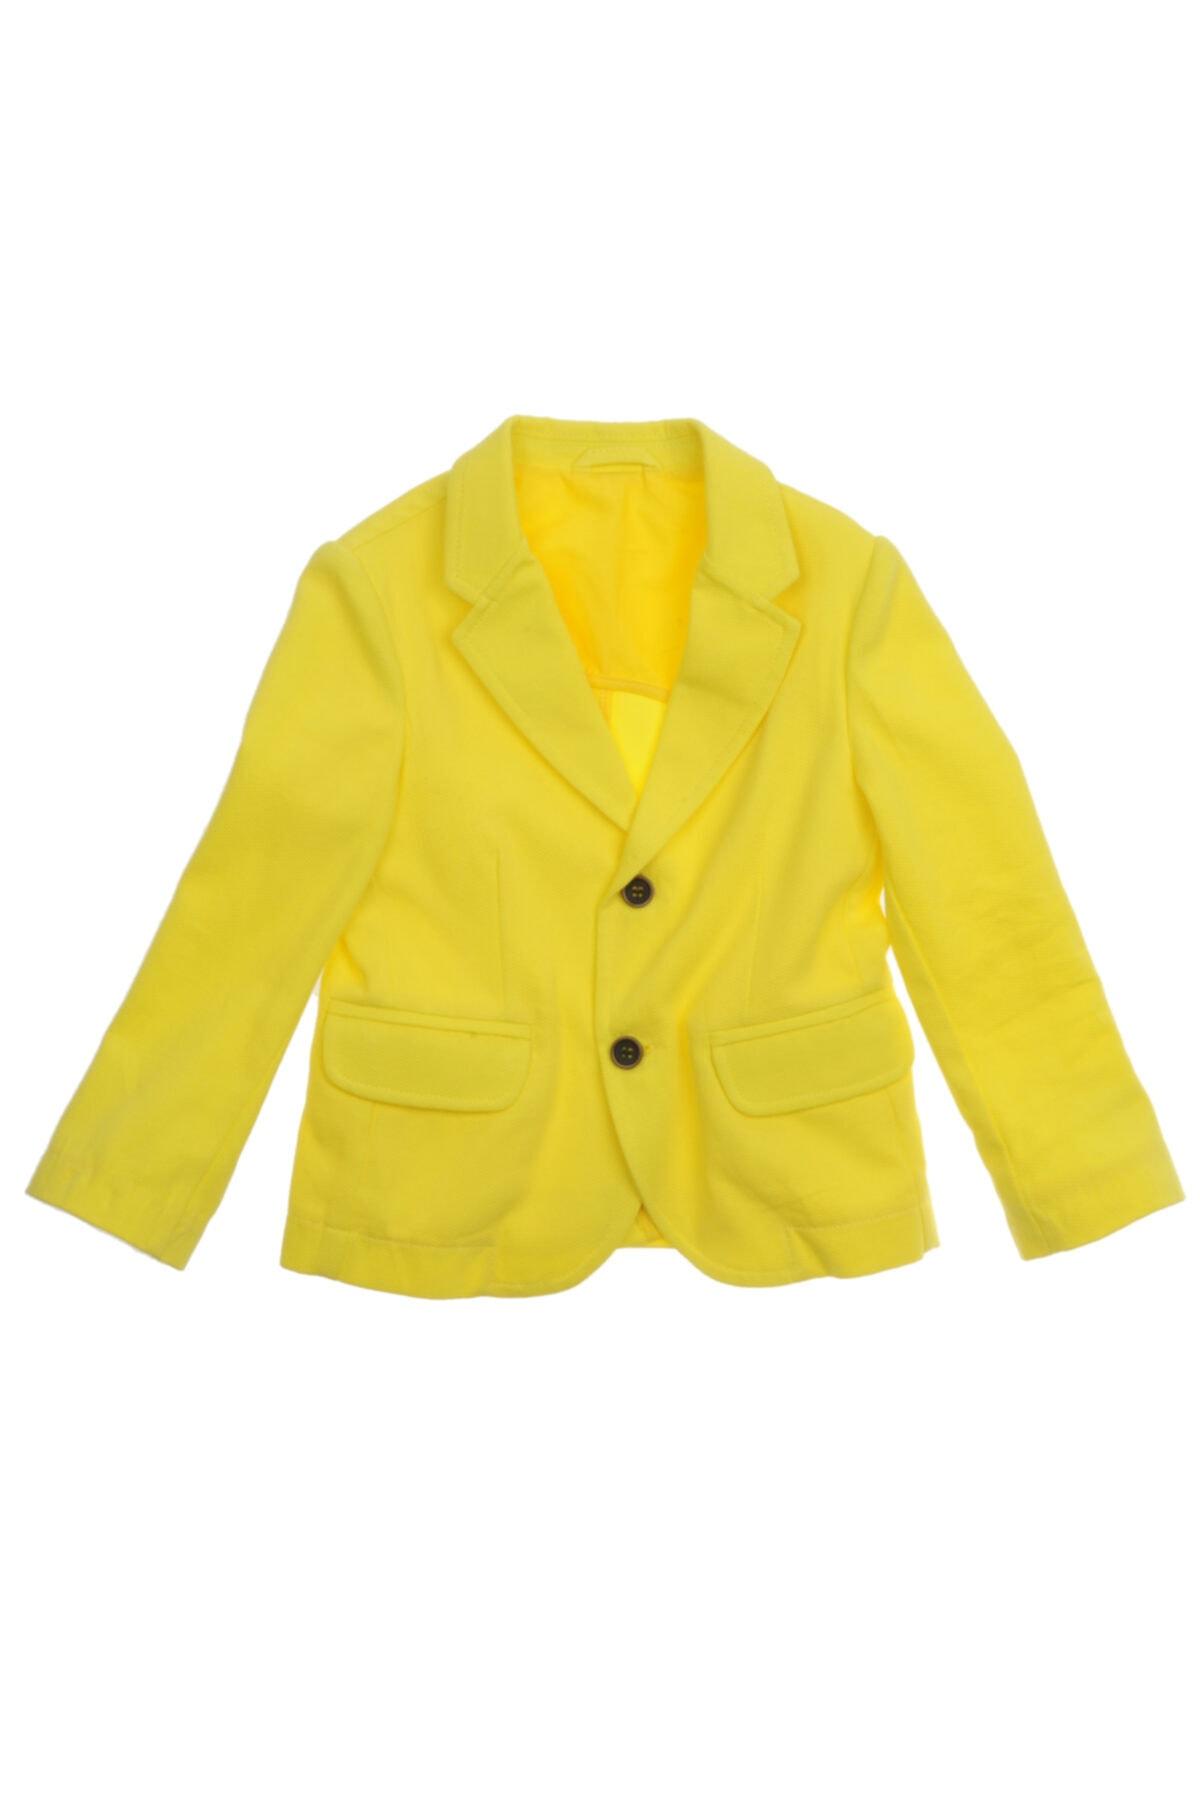 ژاکت نخی برند Panço رنگ زرد ty4251308